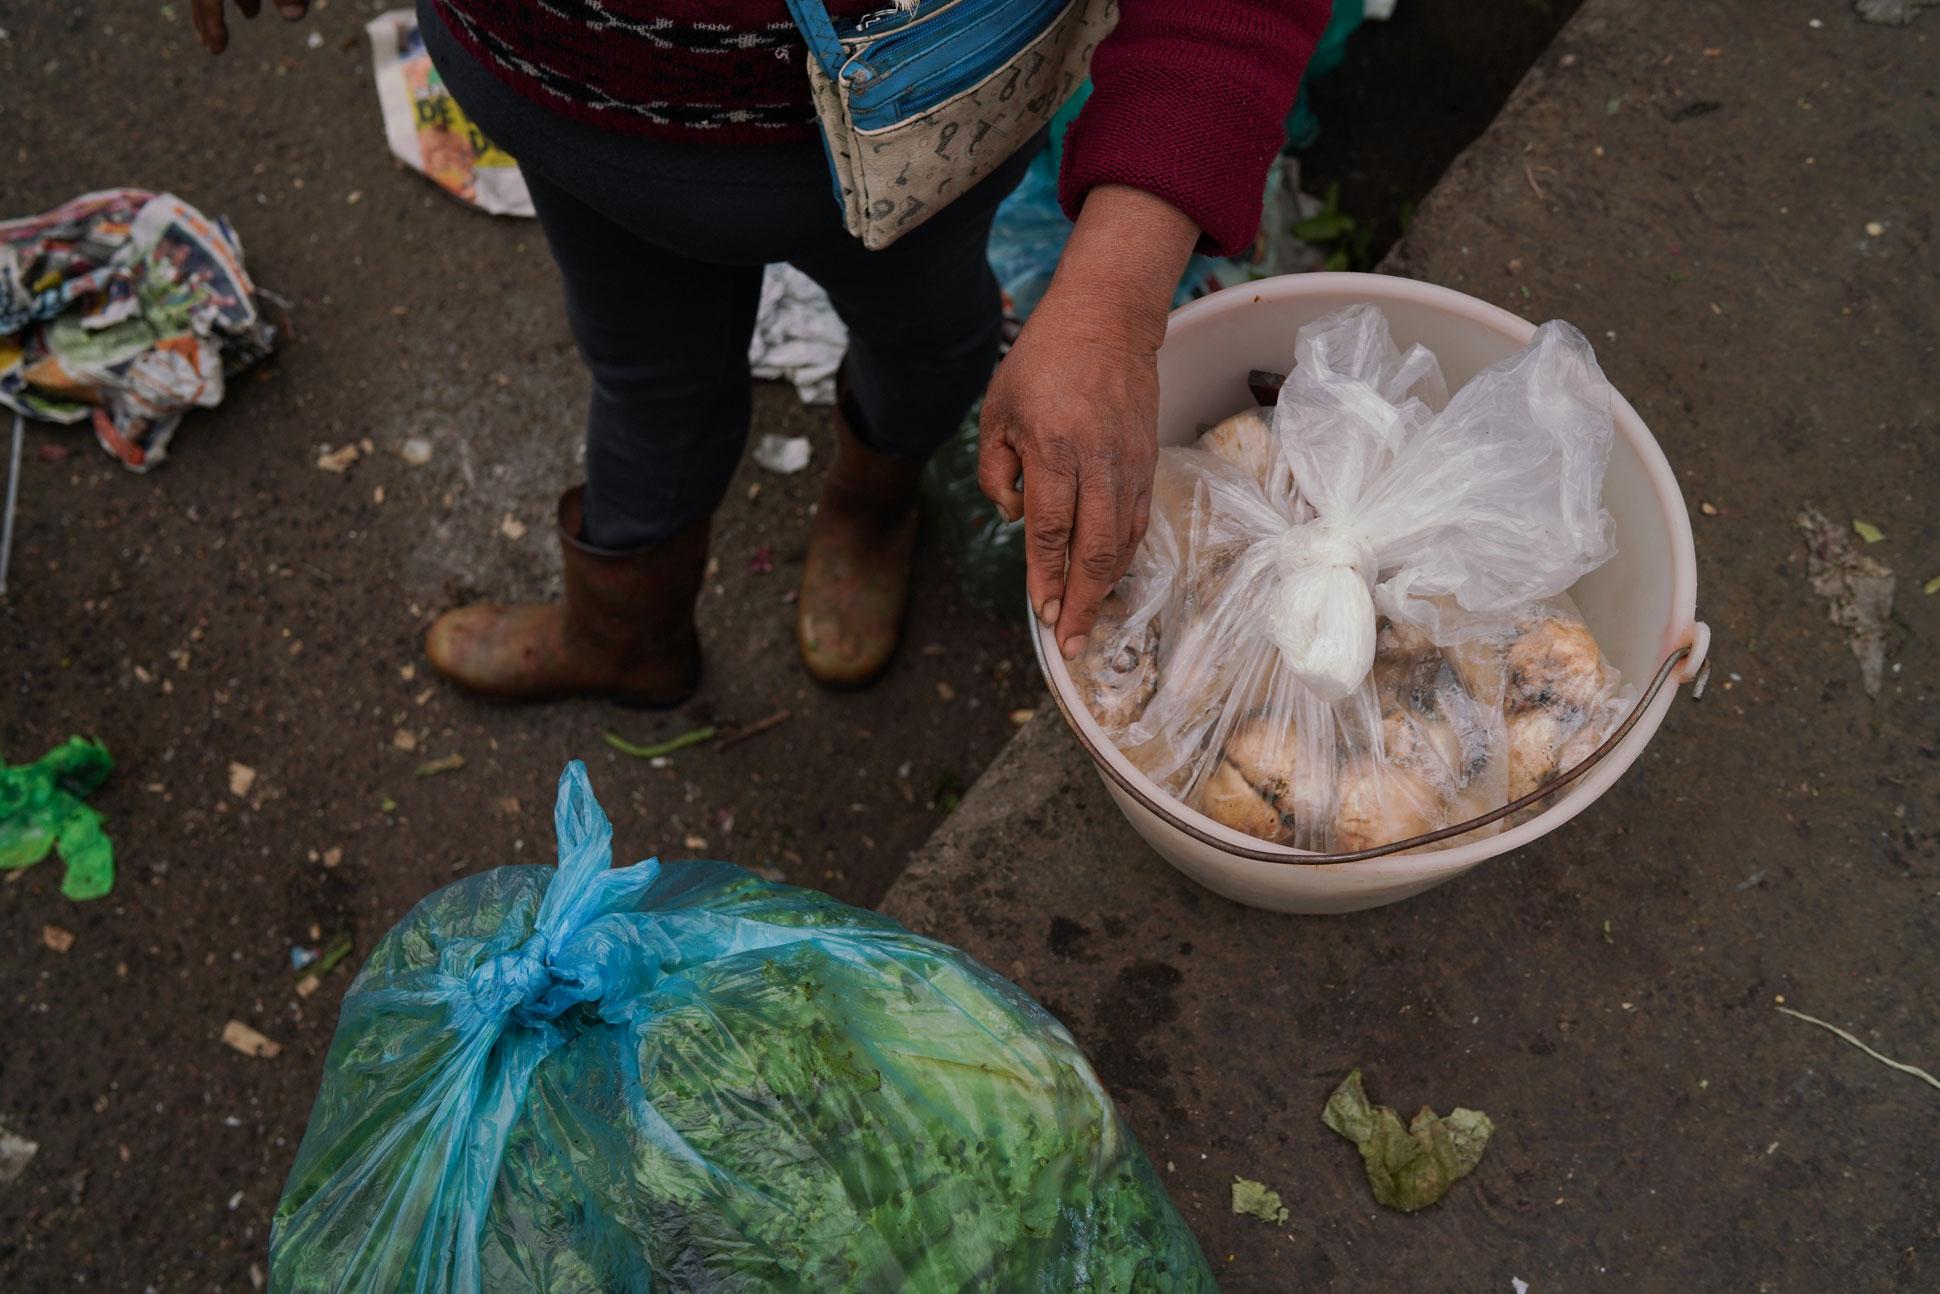 central-de-abastos-el-agujero-negro-de-los-desperdicio-de-alimentos-en-ciudad-de-mexico 4